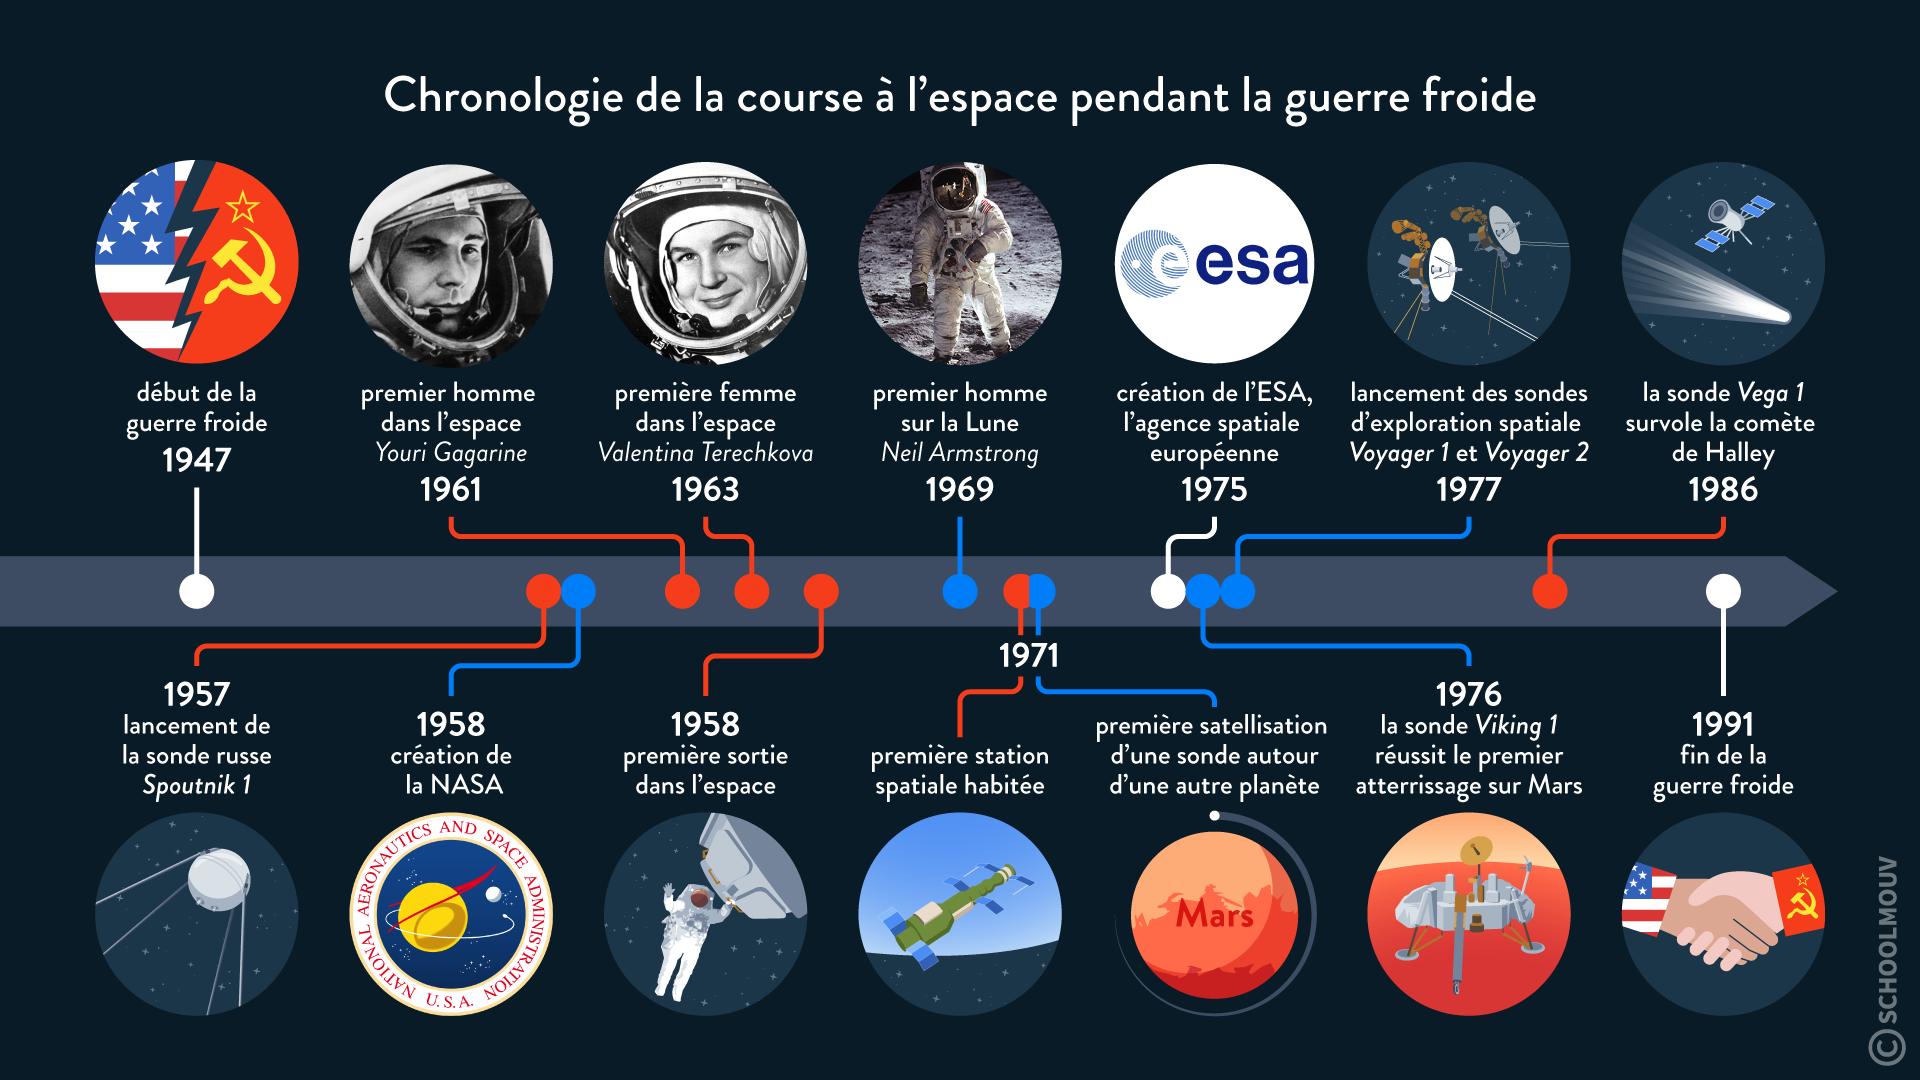 Chronologie de la course à l'espace pendant la guerre froide hggsp histoire géographie géopolitique et sciences politique spécialité terminale